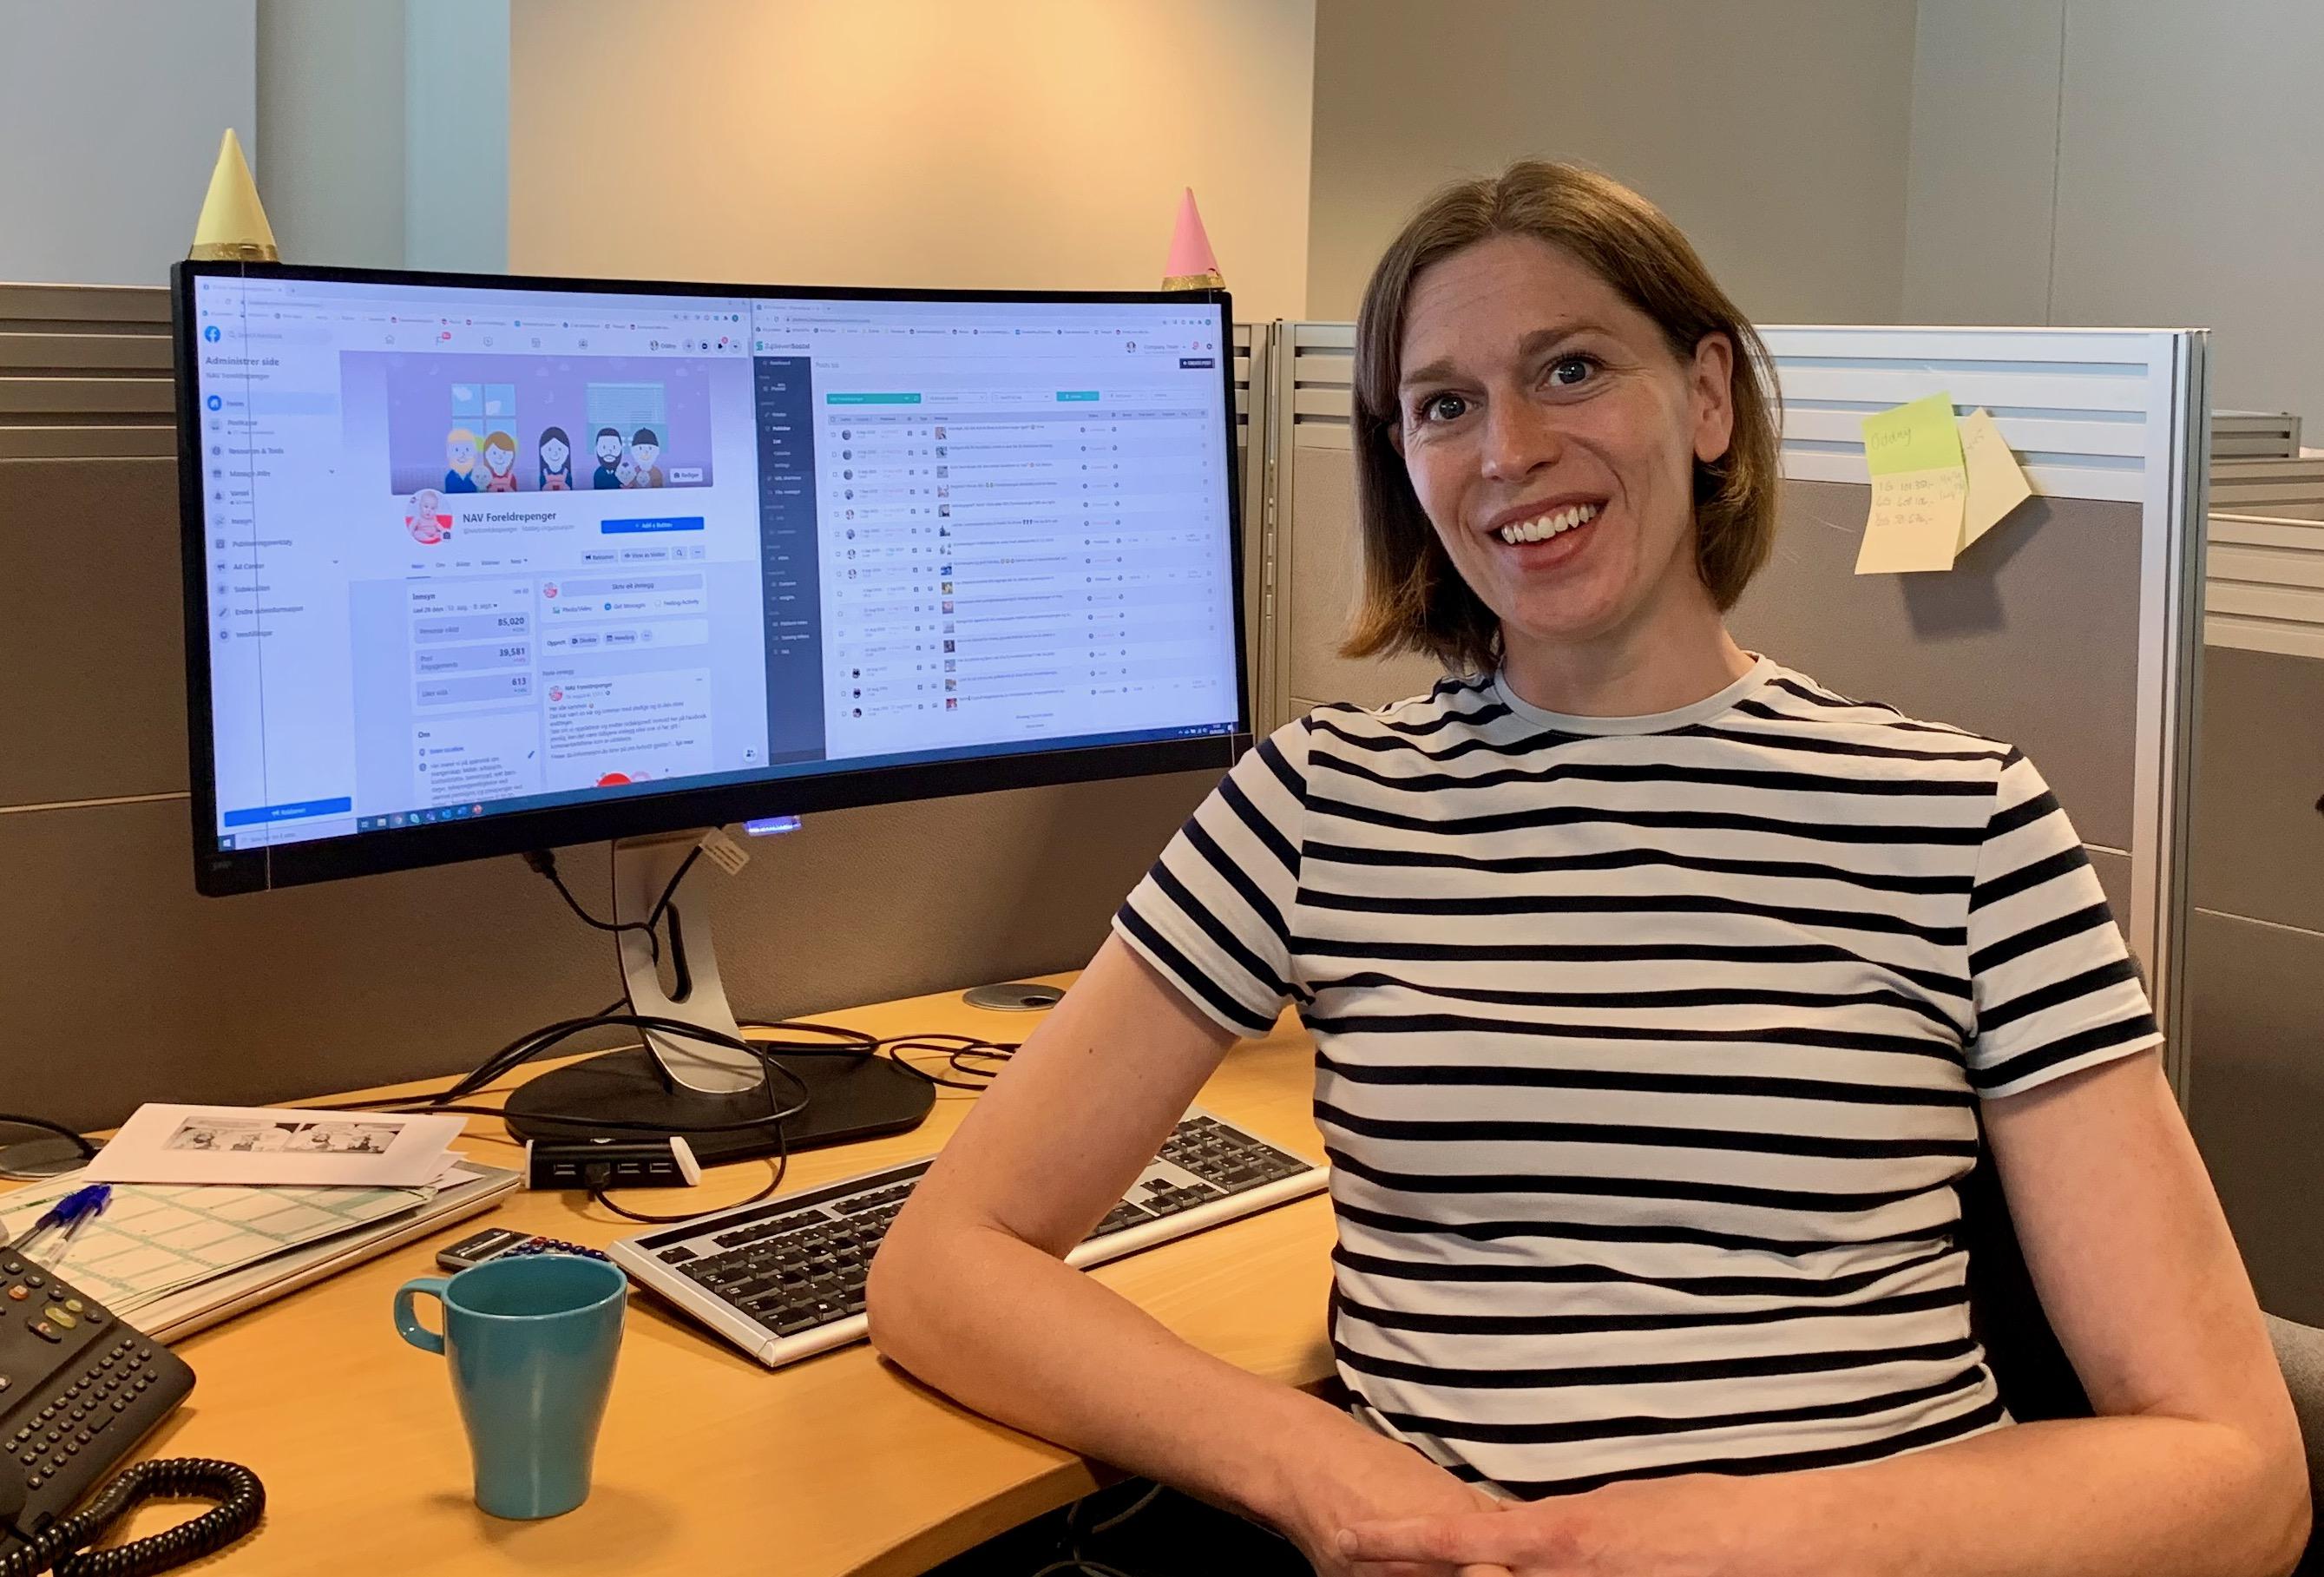 DOBBELT TRYKK UNDER KORONA: Sammen med redaksjonen opplevde Oddny Flem en dobling av henvendelser til Facebook-sidene NAV Foreldrepenger og NAV Jobblyst.